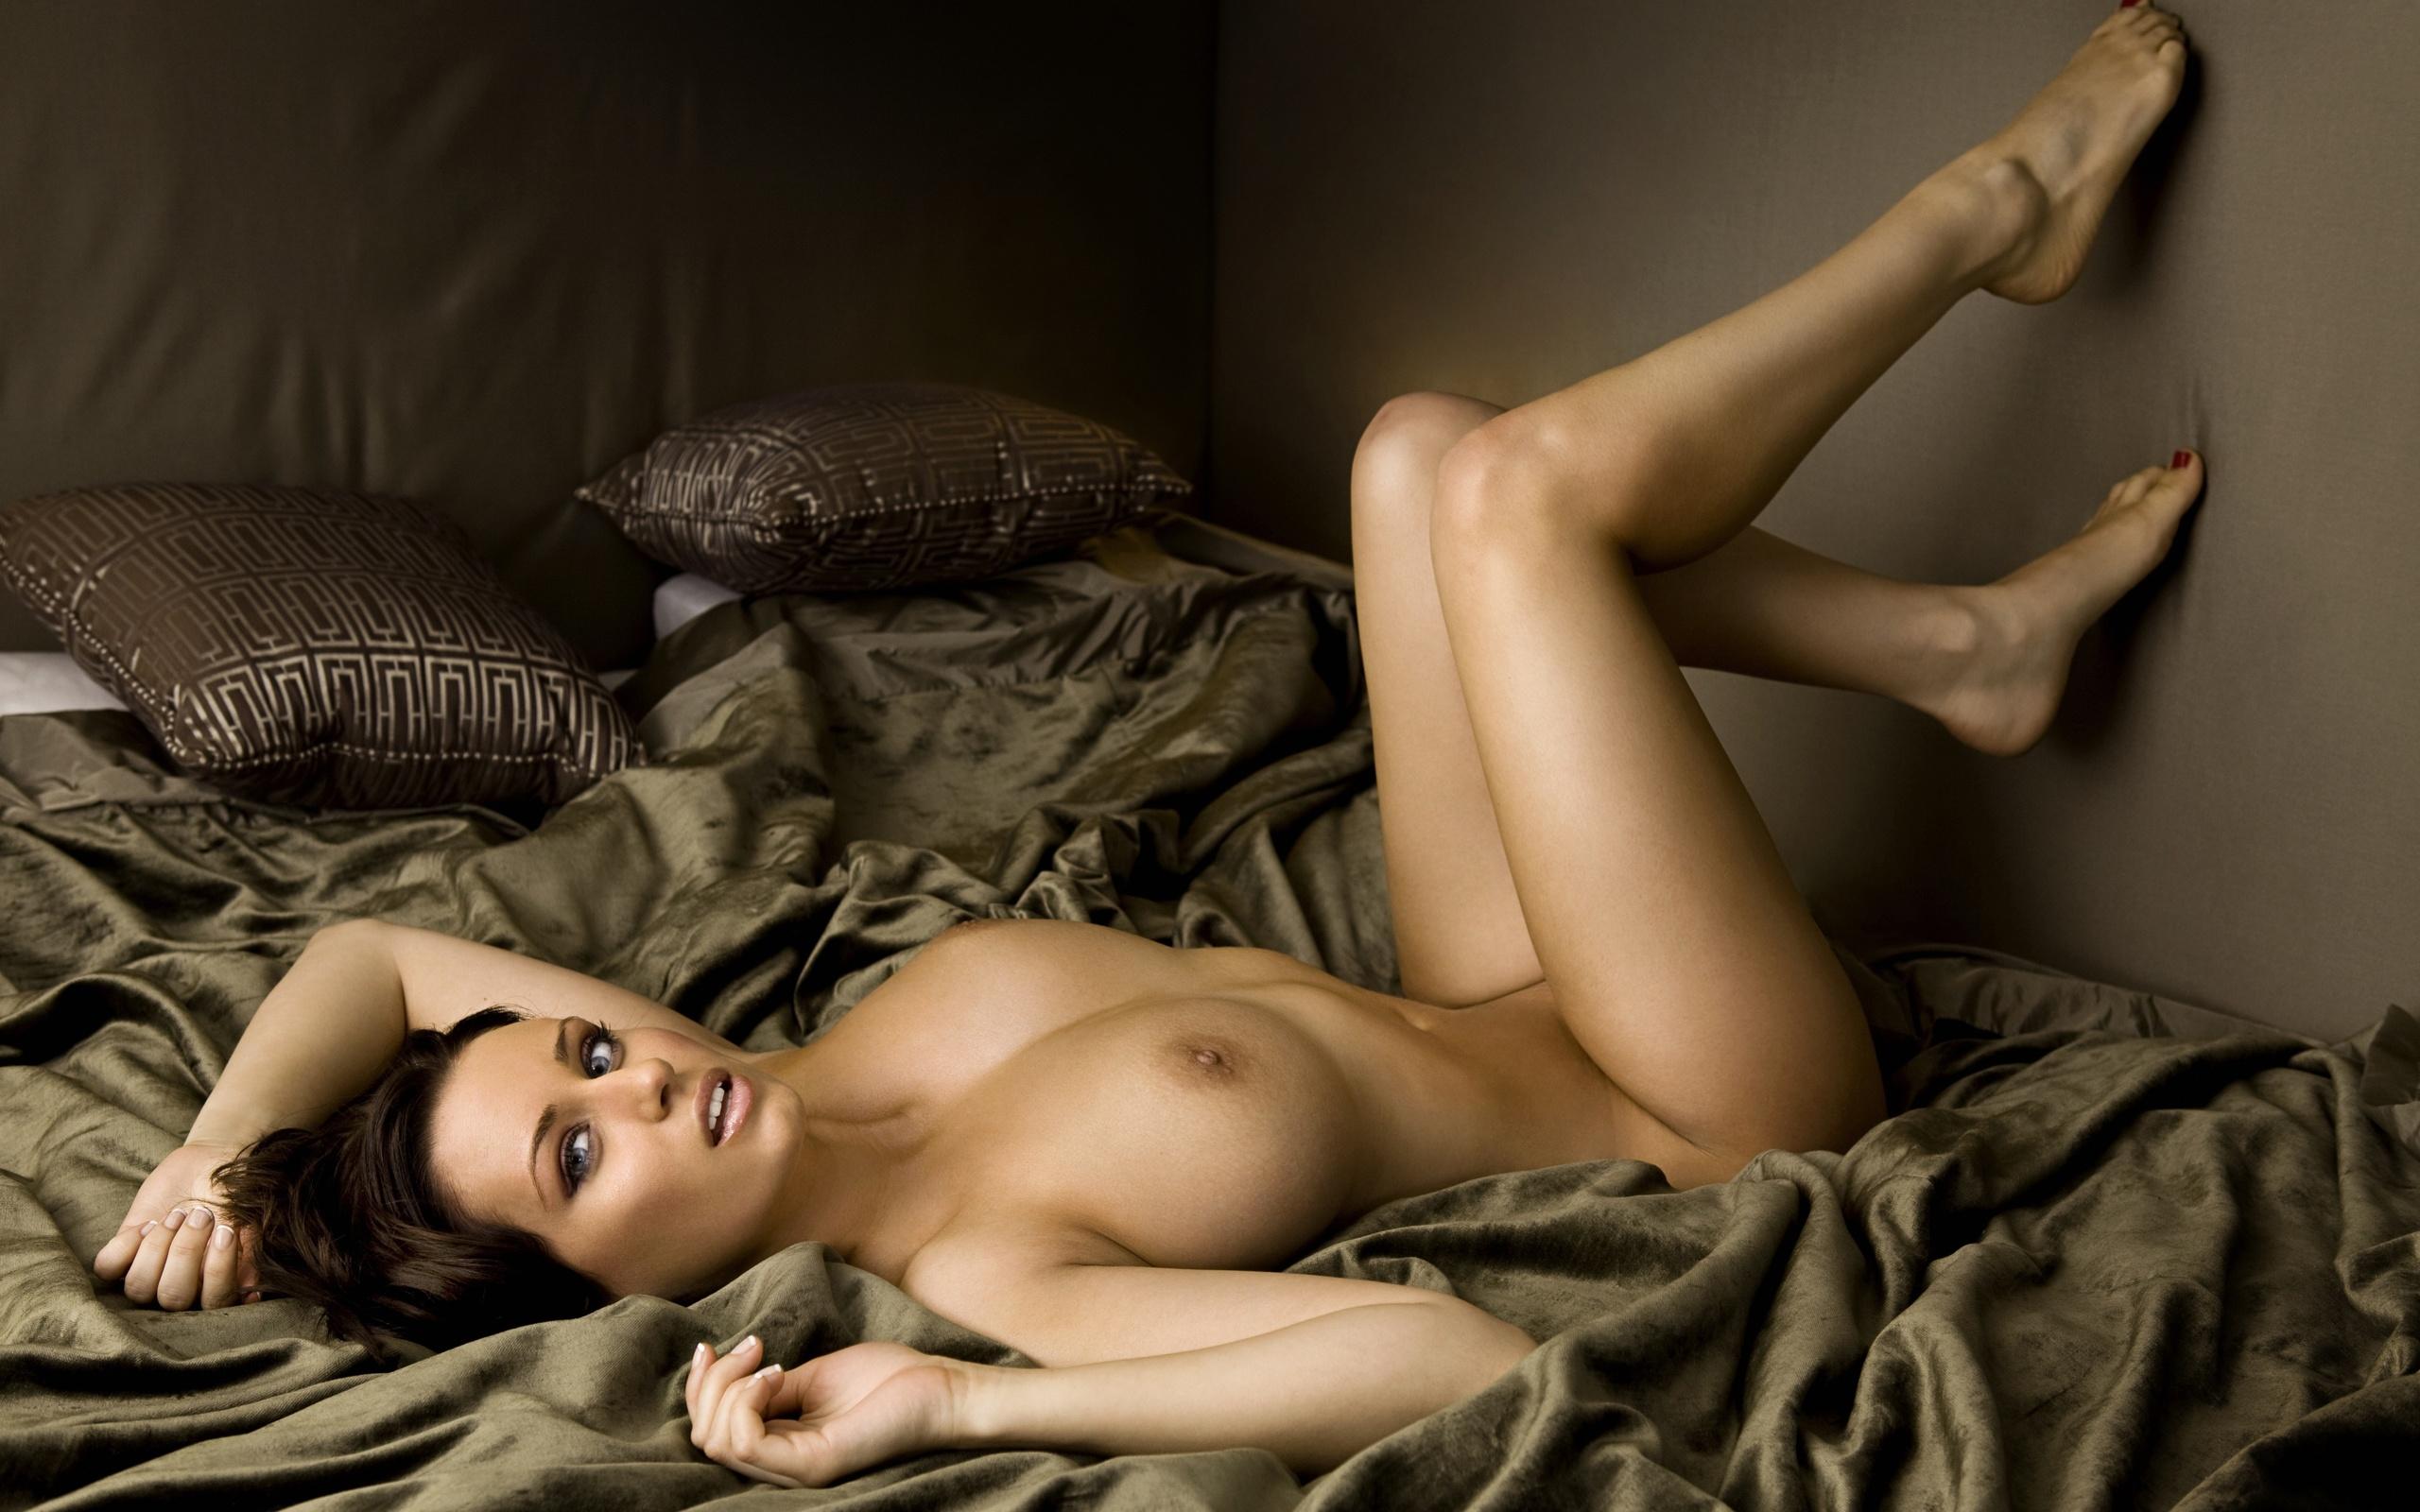 Сексуальные девушки на кровати голые 18 фотография